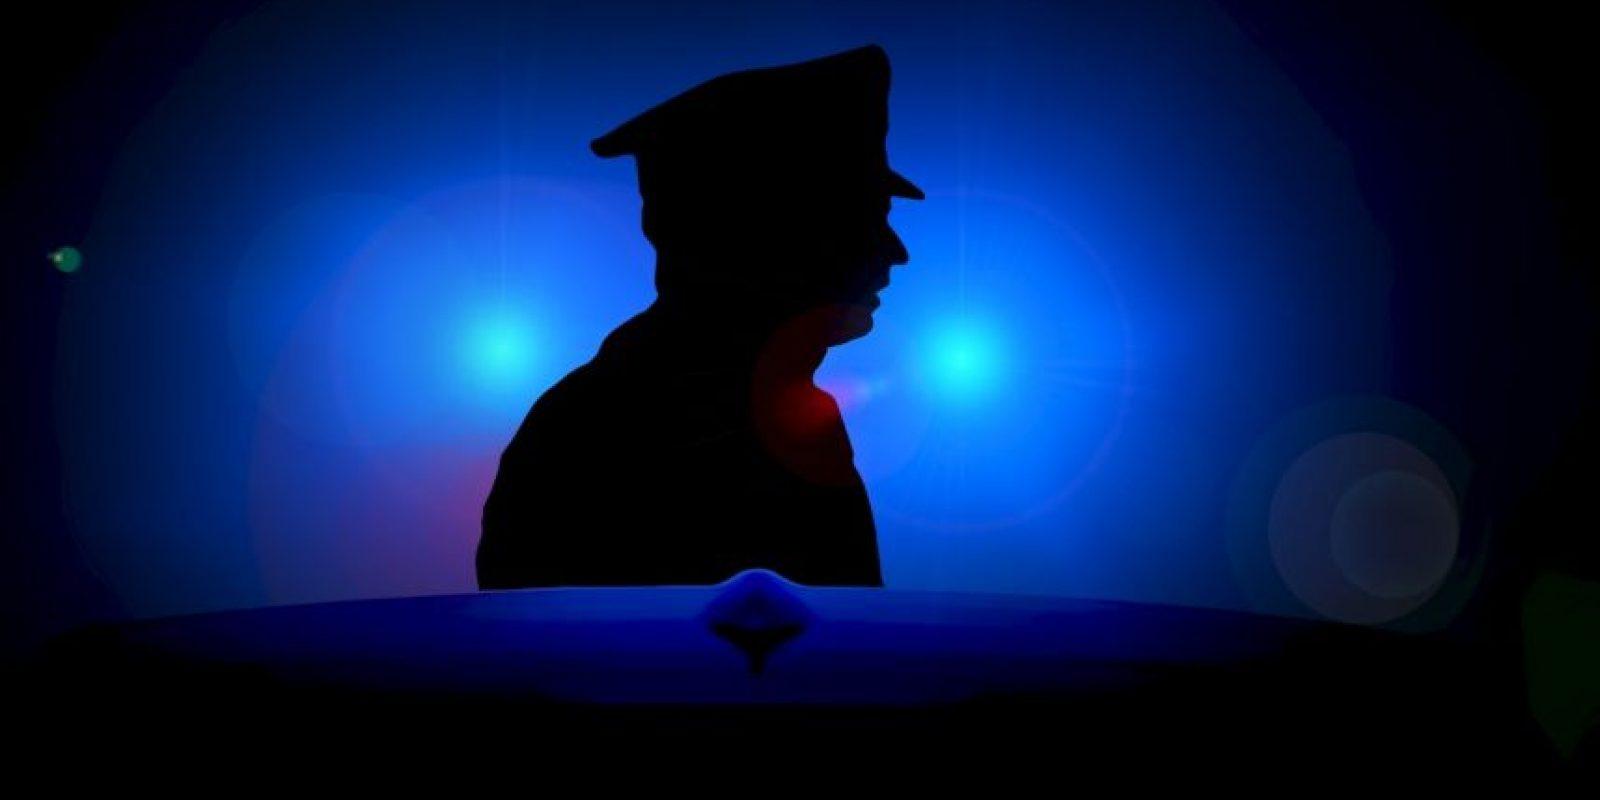 El cuerpo fue encontrado por policías. Foto:Pixabay